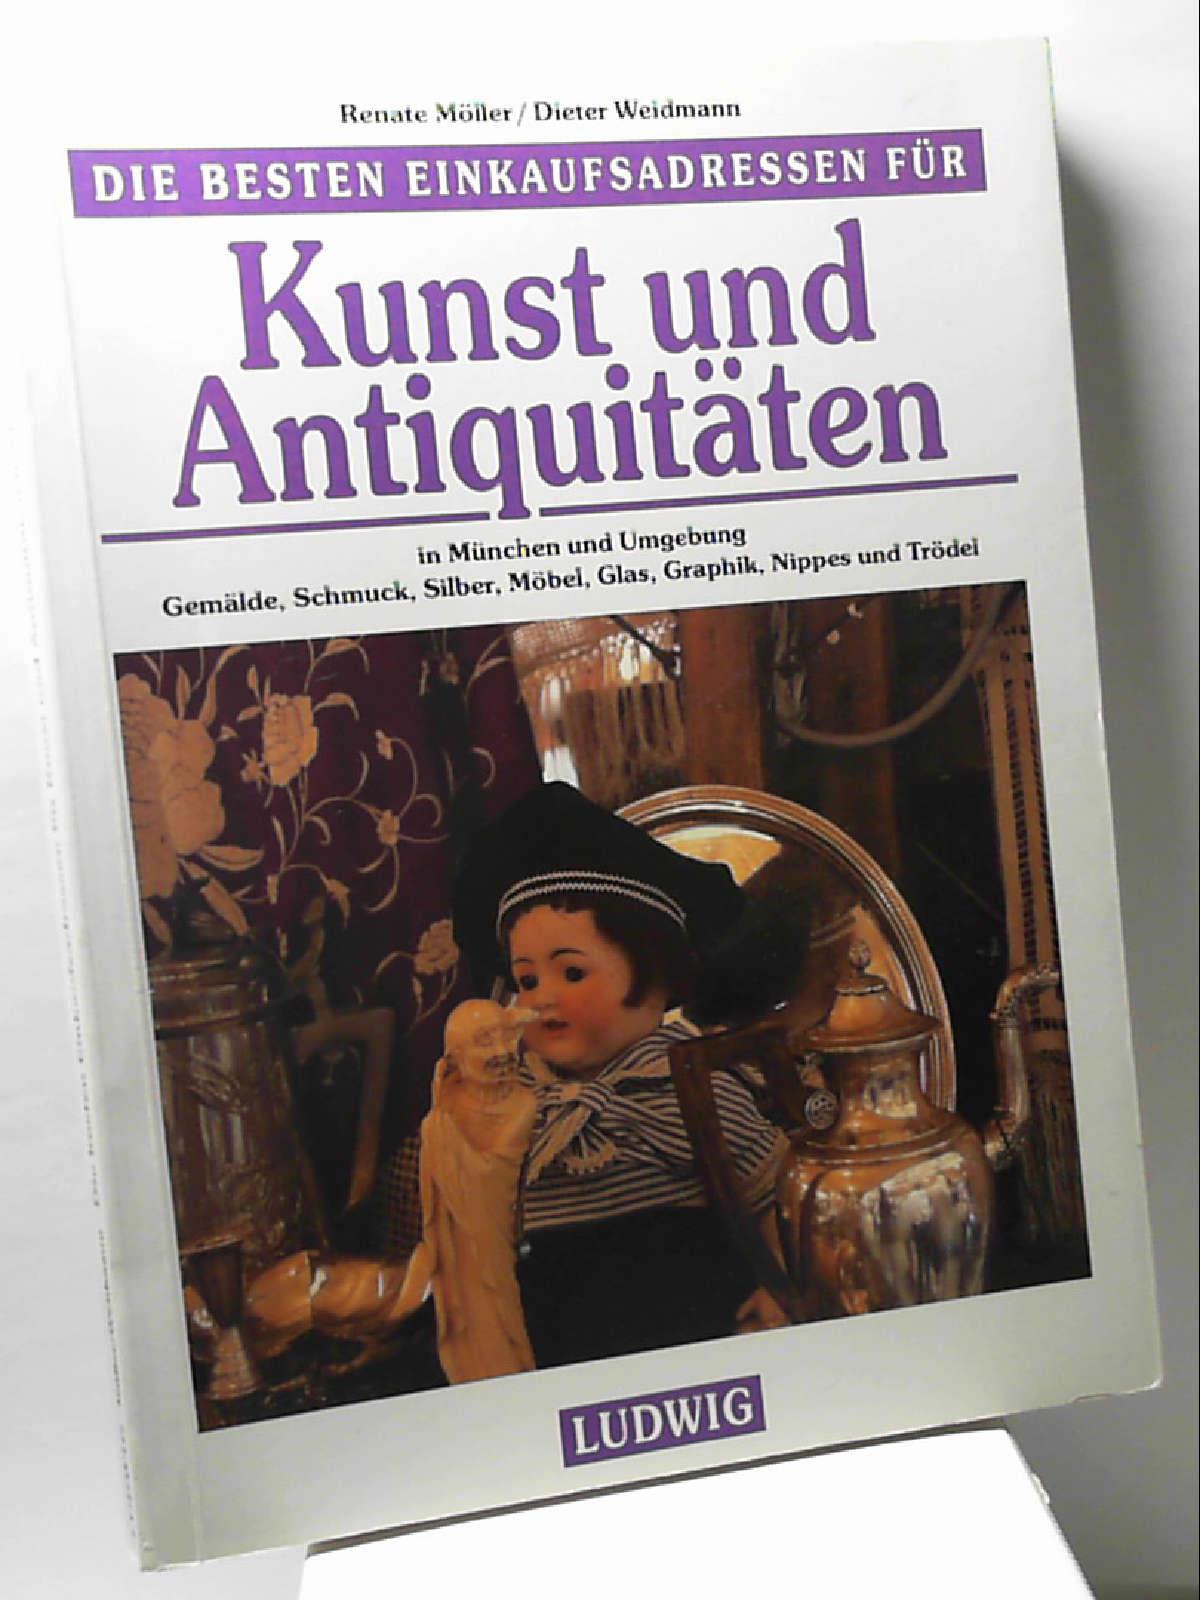 Kunst und Antiquitäten in München und Umgebung [Paperback] Dieter Weidmann Renate M?ller